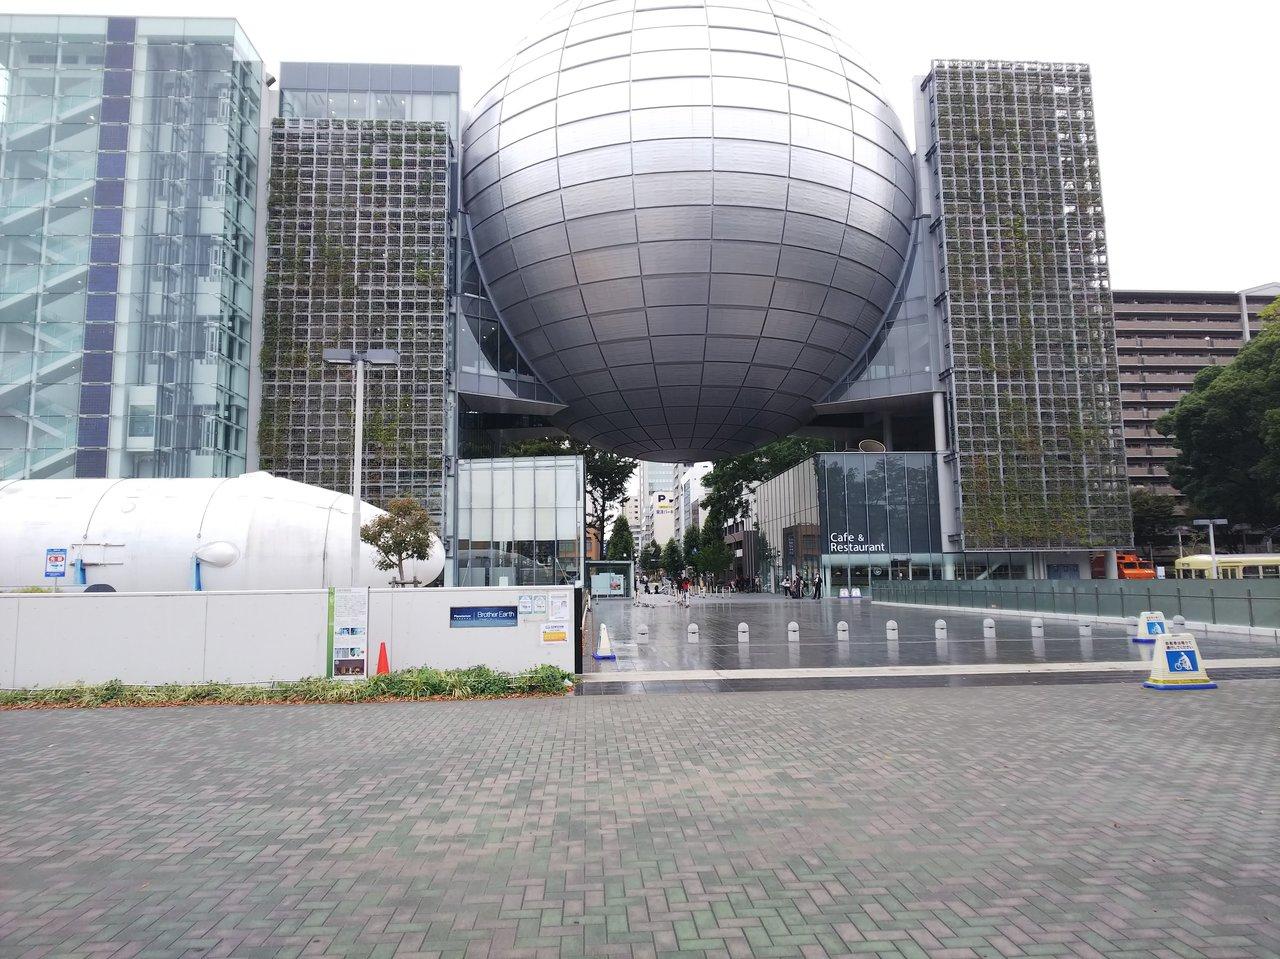 【名古屋】見どころいっぱい!子連れも楽しめる「名古屋市科学館」